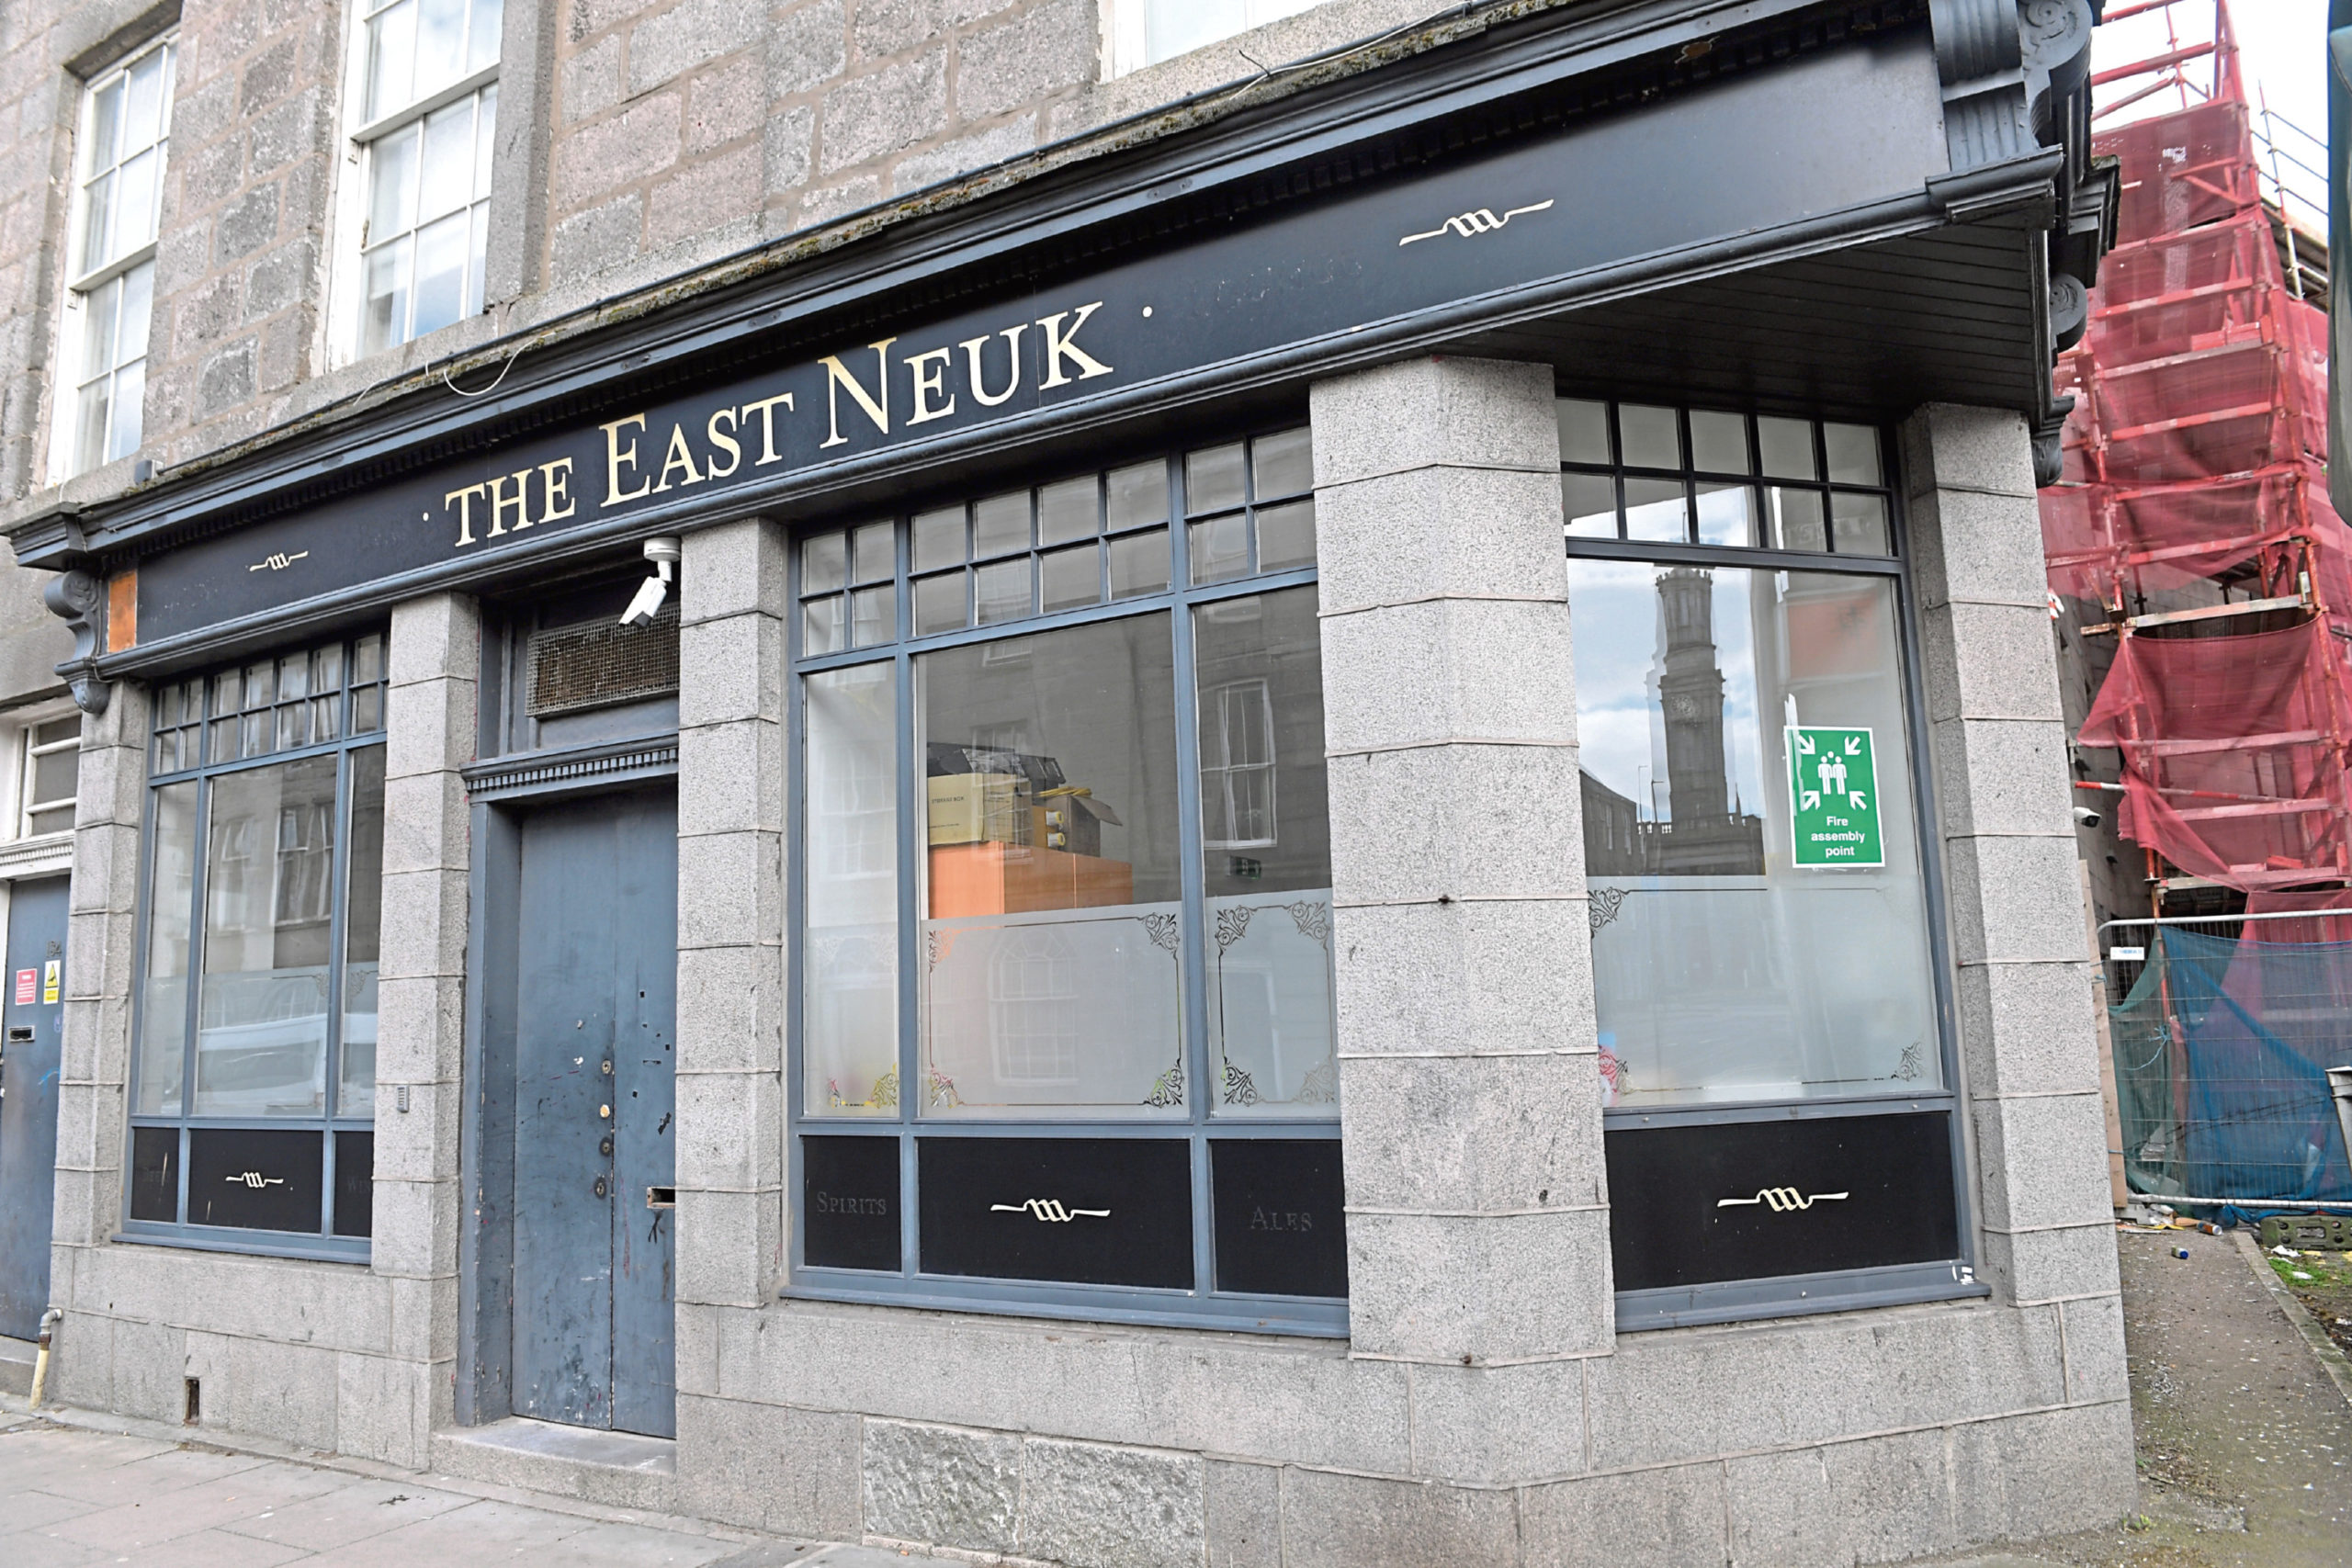 The East Neuk on King Street